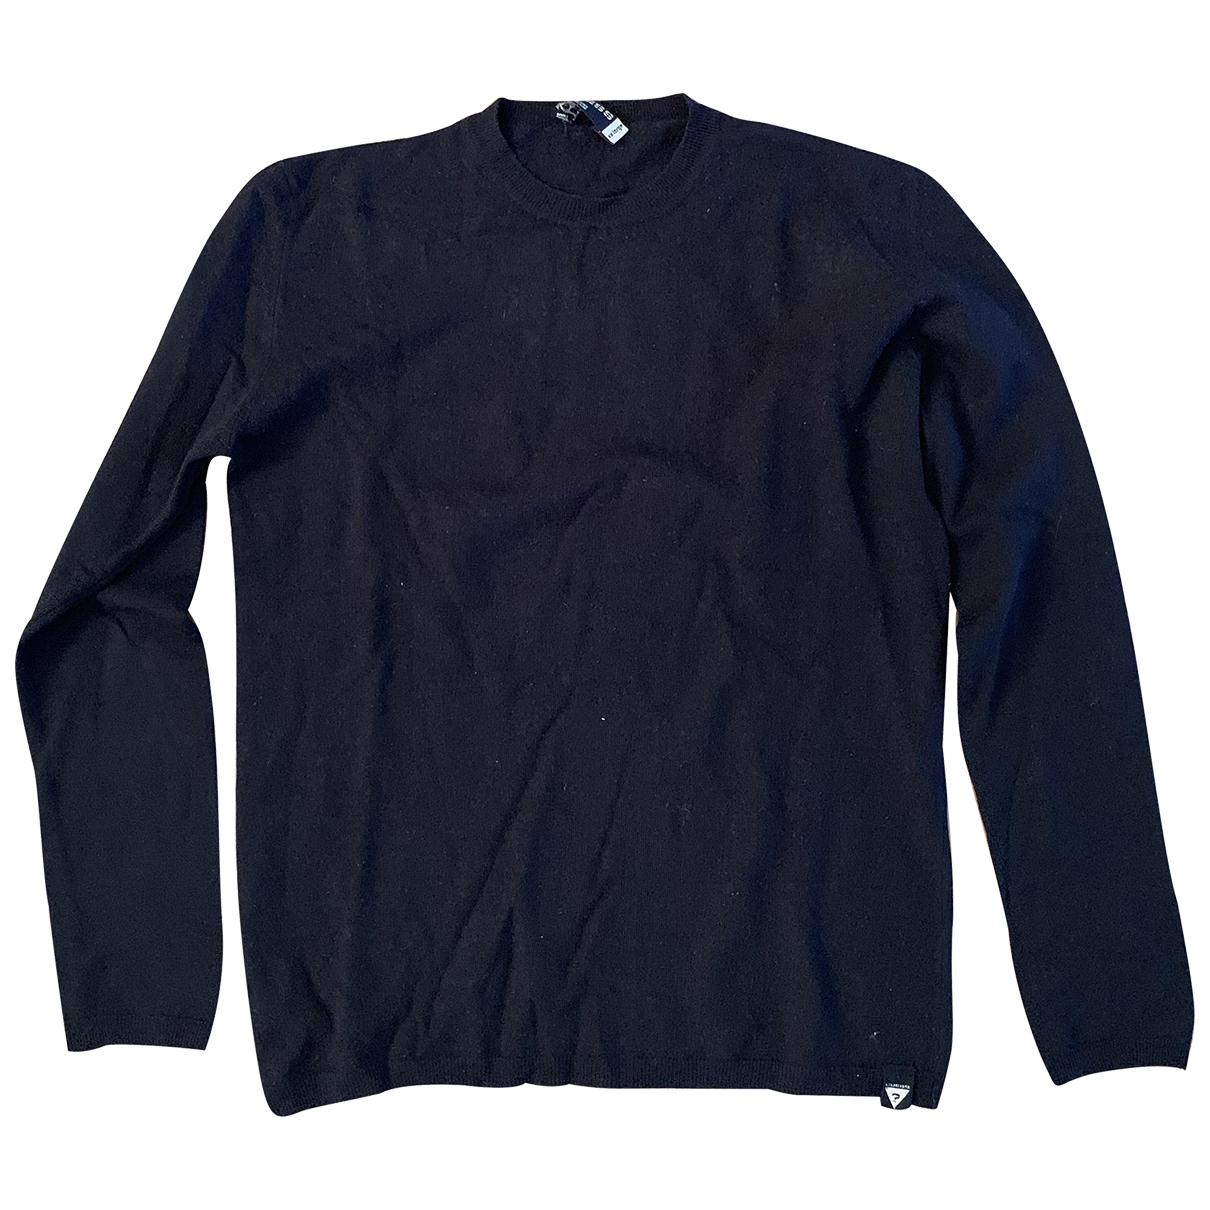 Guess - Pulls.Gilets.Sweats   pour homme en laine - noir